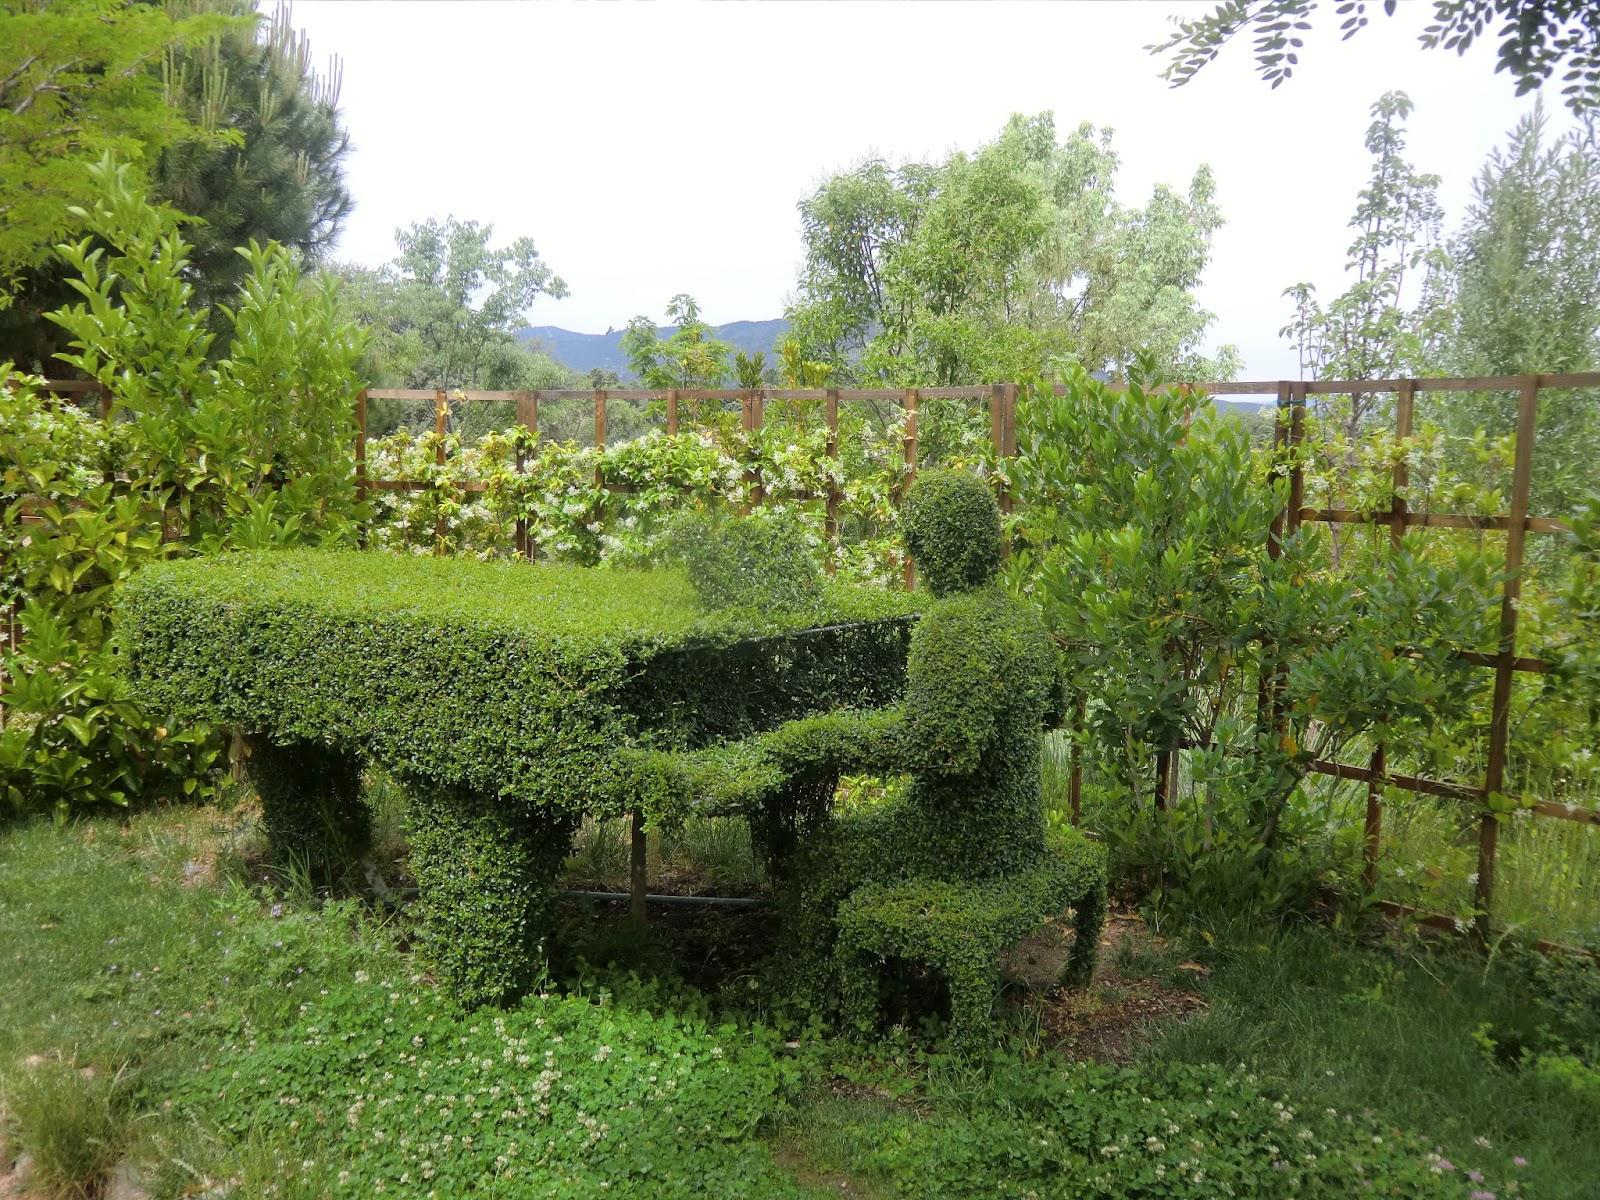 Bosque encantado de madrid haz turismo - Jardin encantado madrid ...